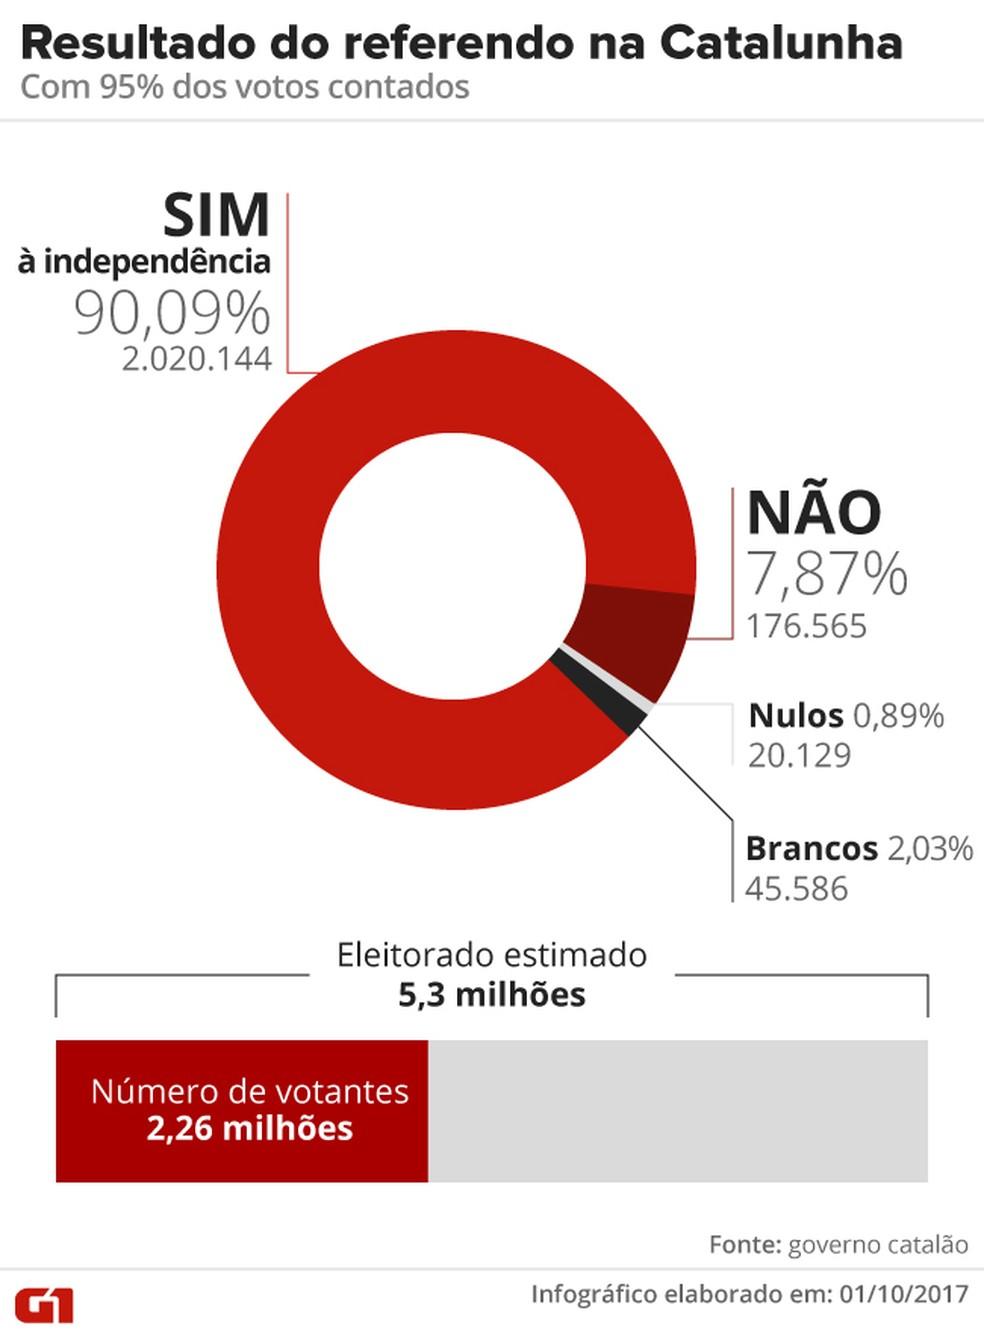 Resultado do referendo na Catalunha (Foto: Arte/G1)